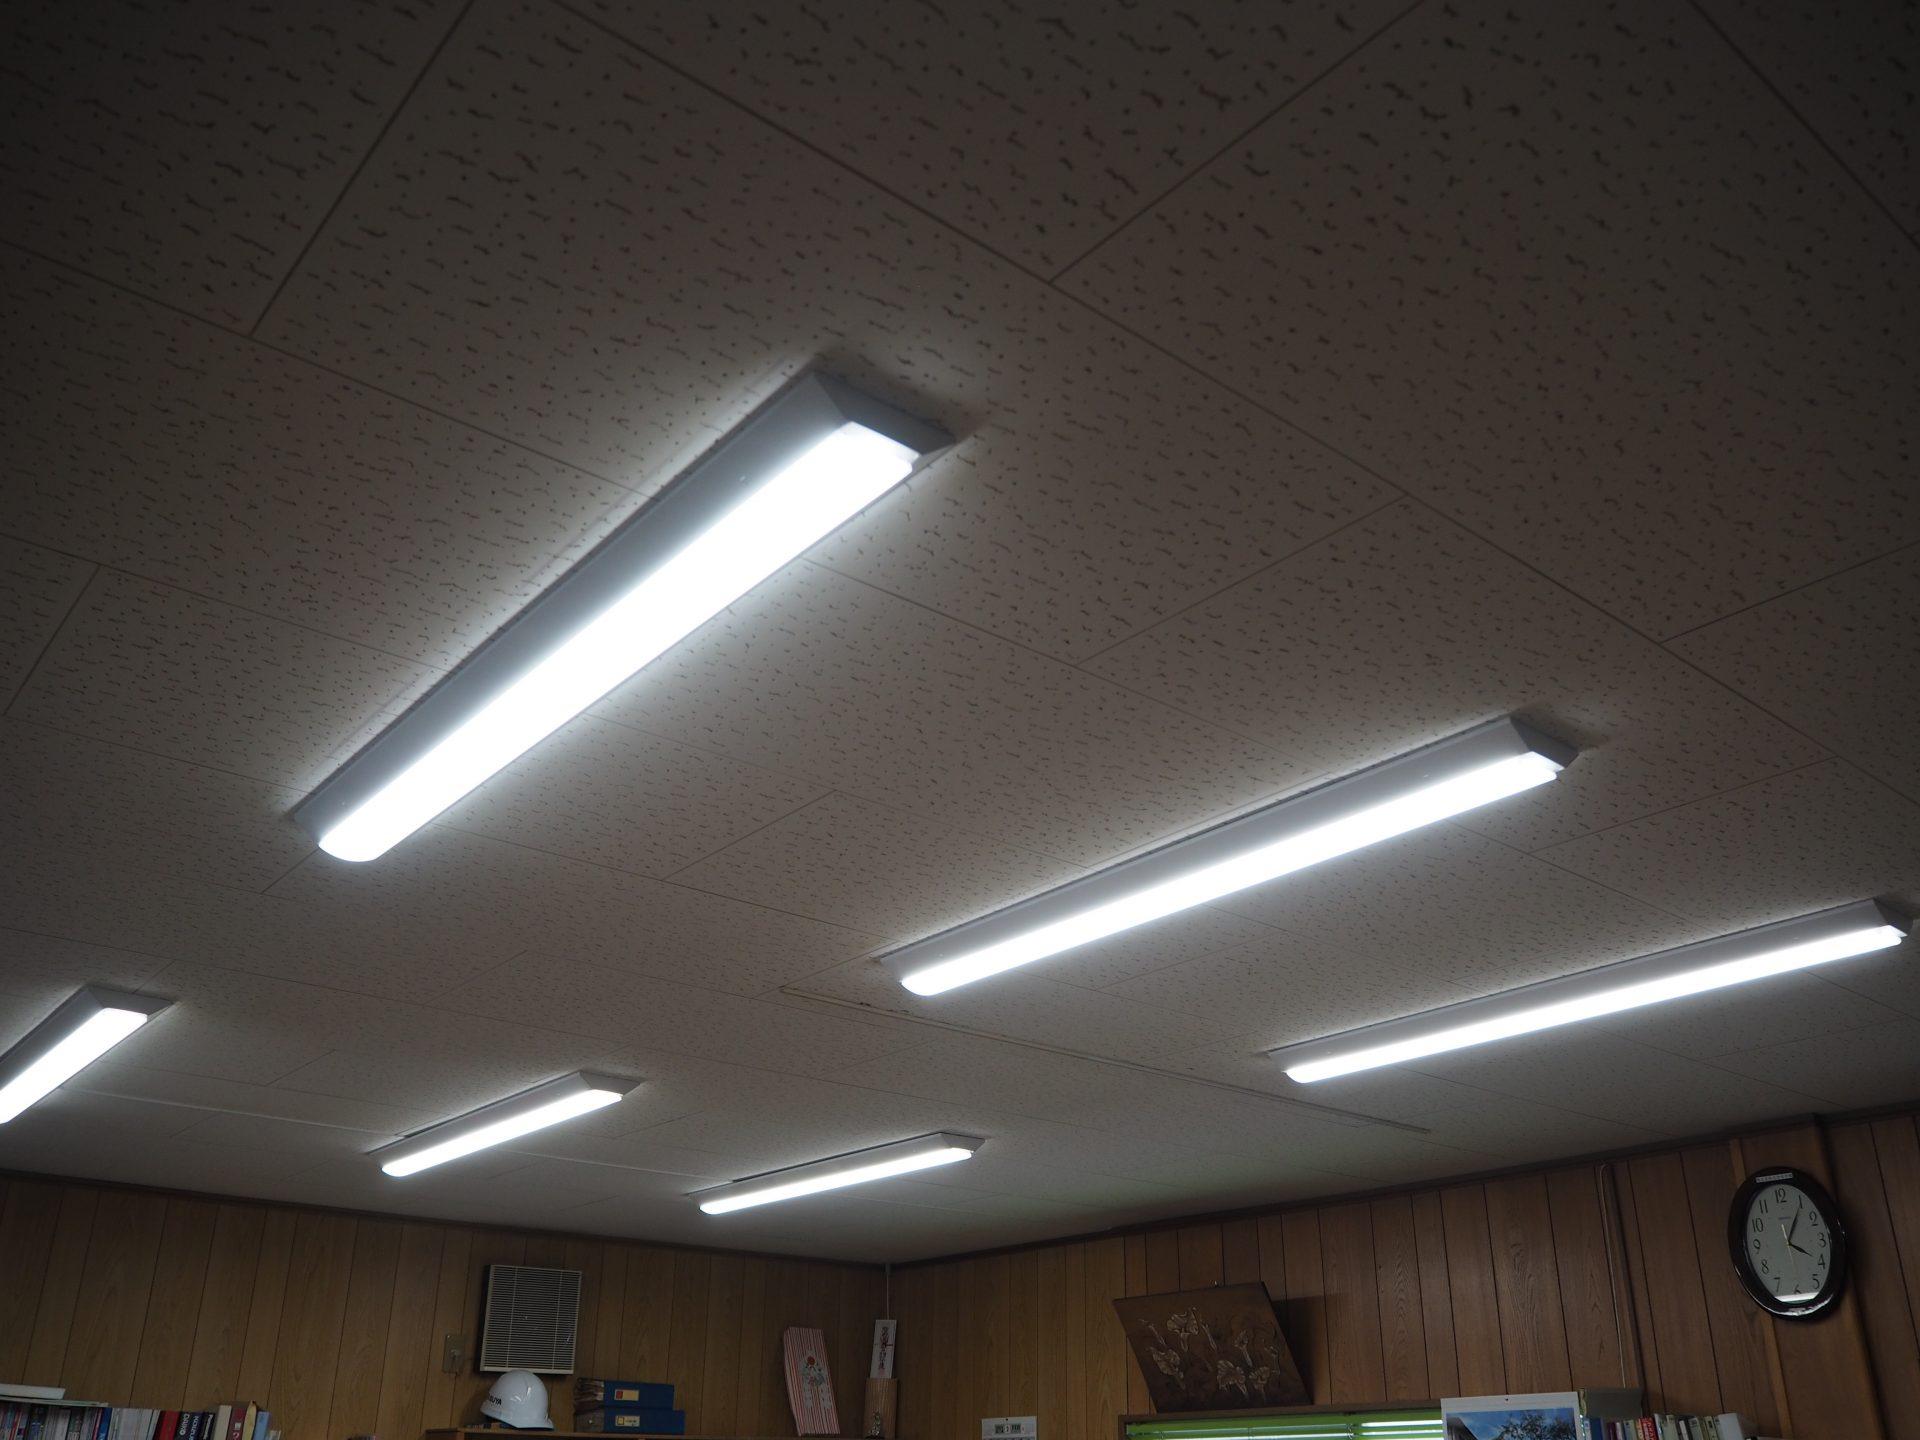 画像:E社 事務所照明器具取替工事